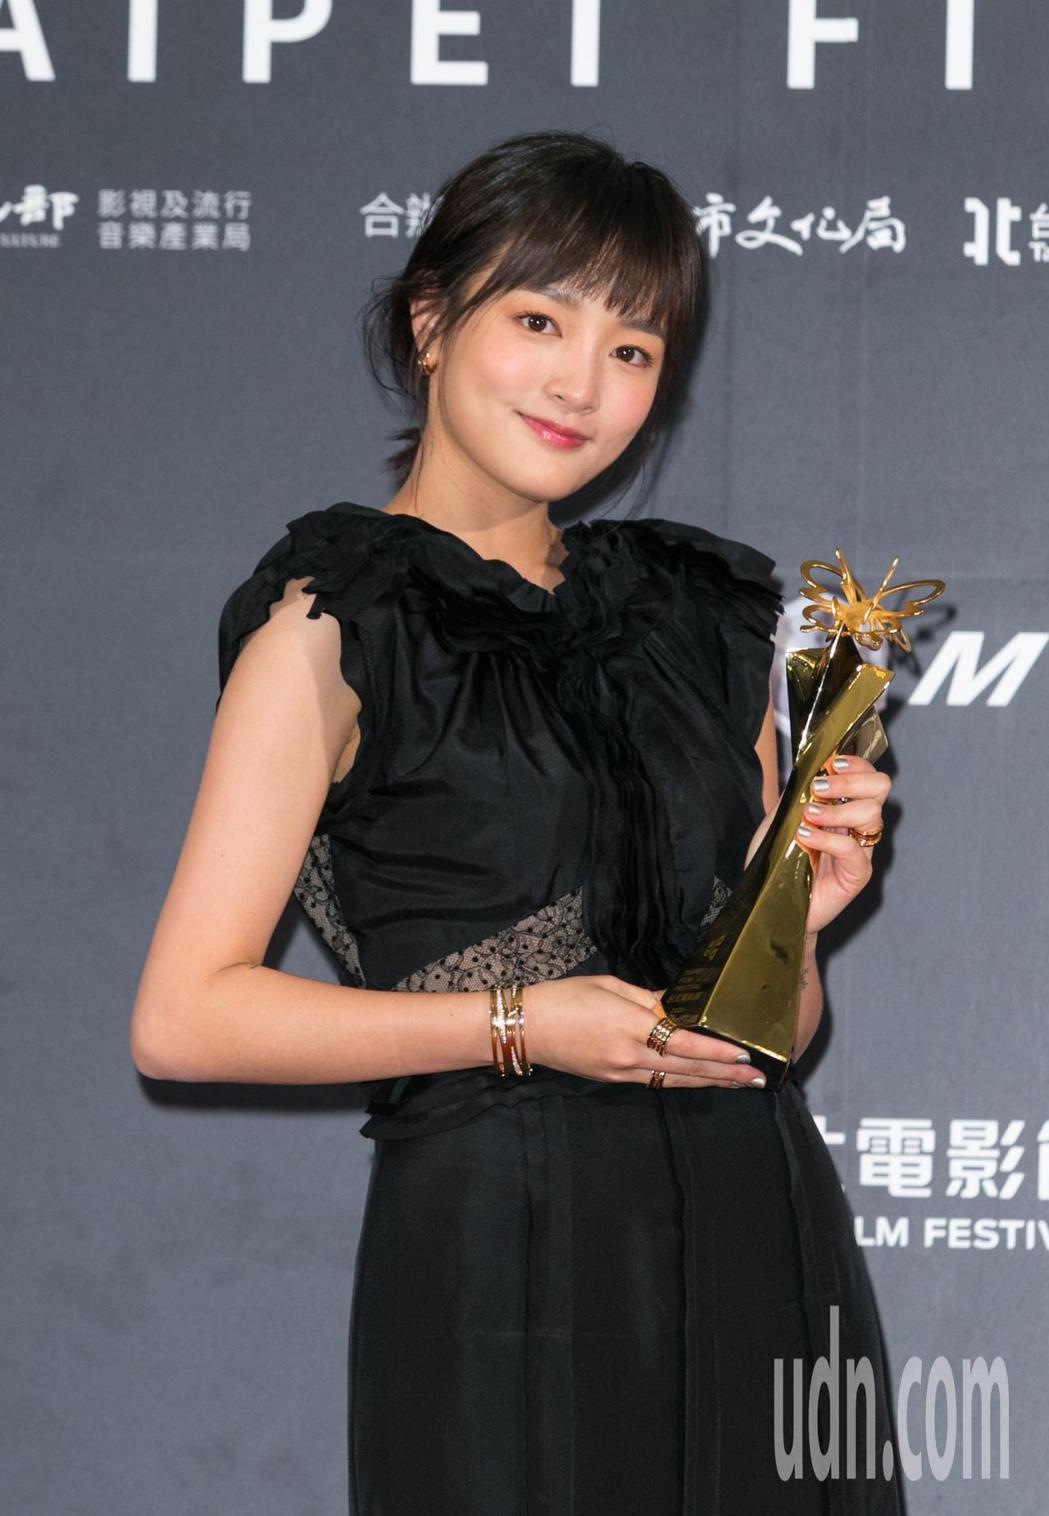 王淨獲得最佳女主角獎。記者陳立凱/攝影